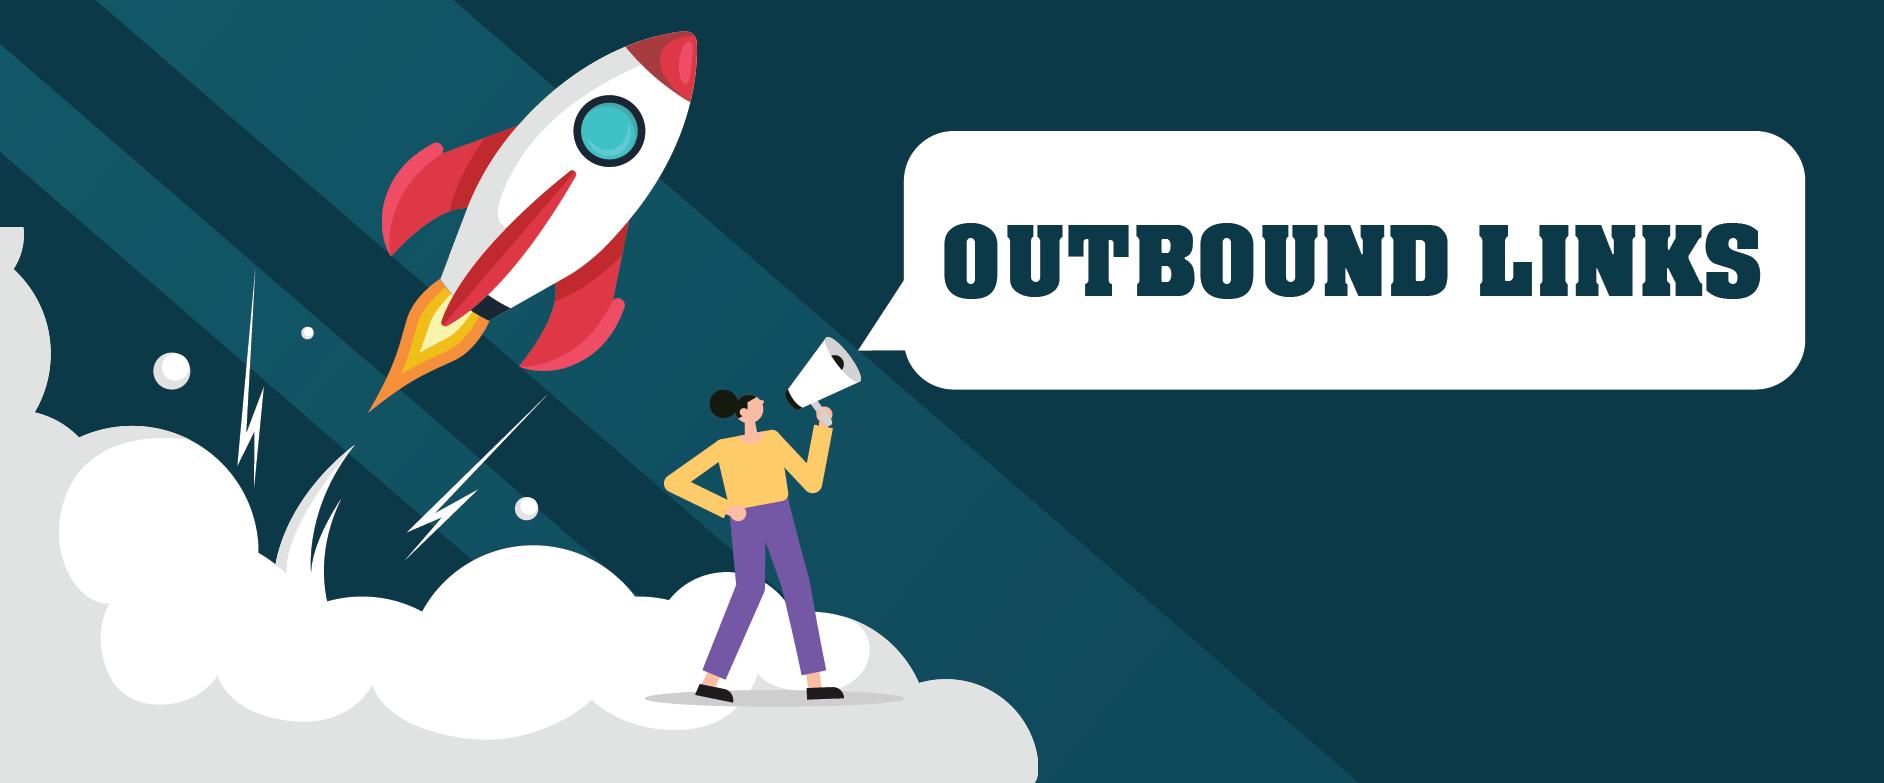 Khám phávề outboundlink & tác dụng của nó trong SEO Web